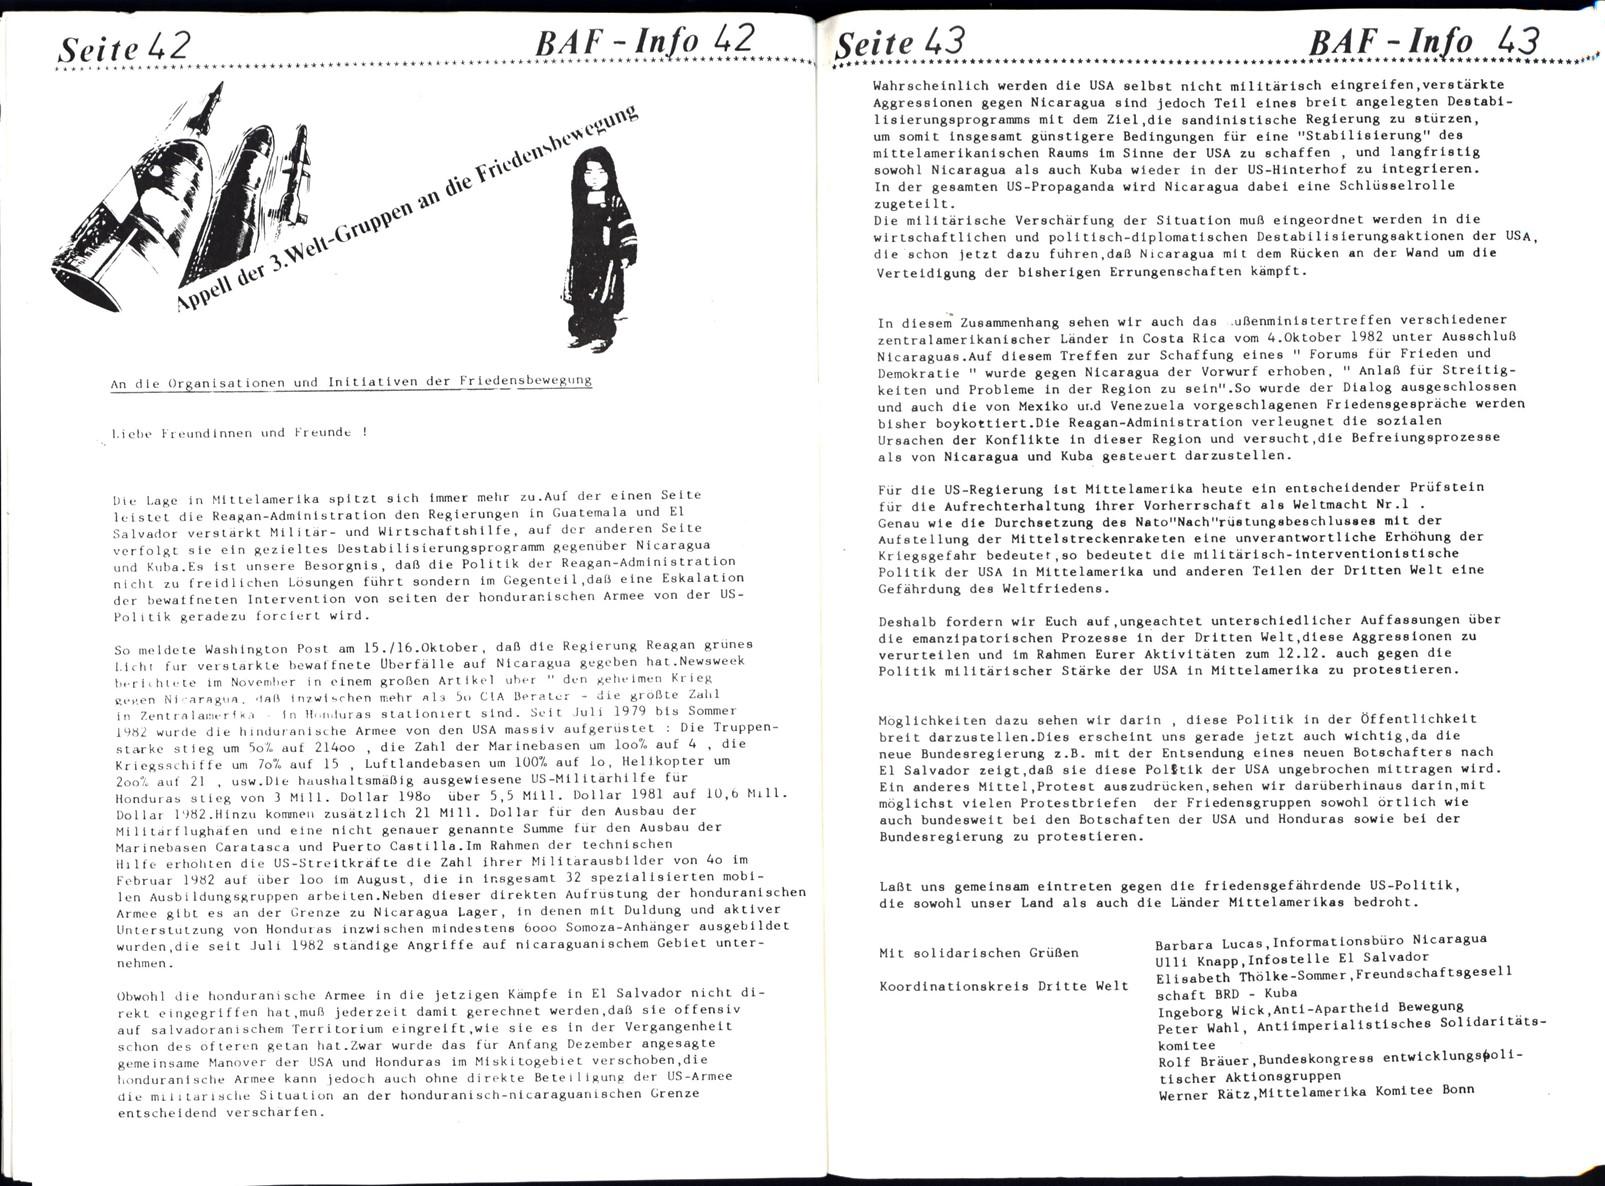 BAF_Info_02_19830100_22